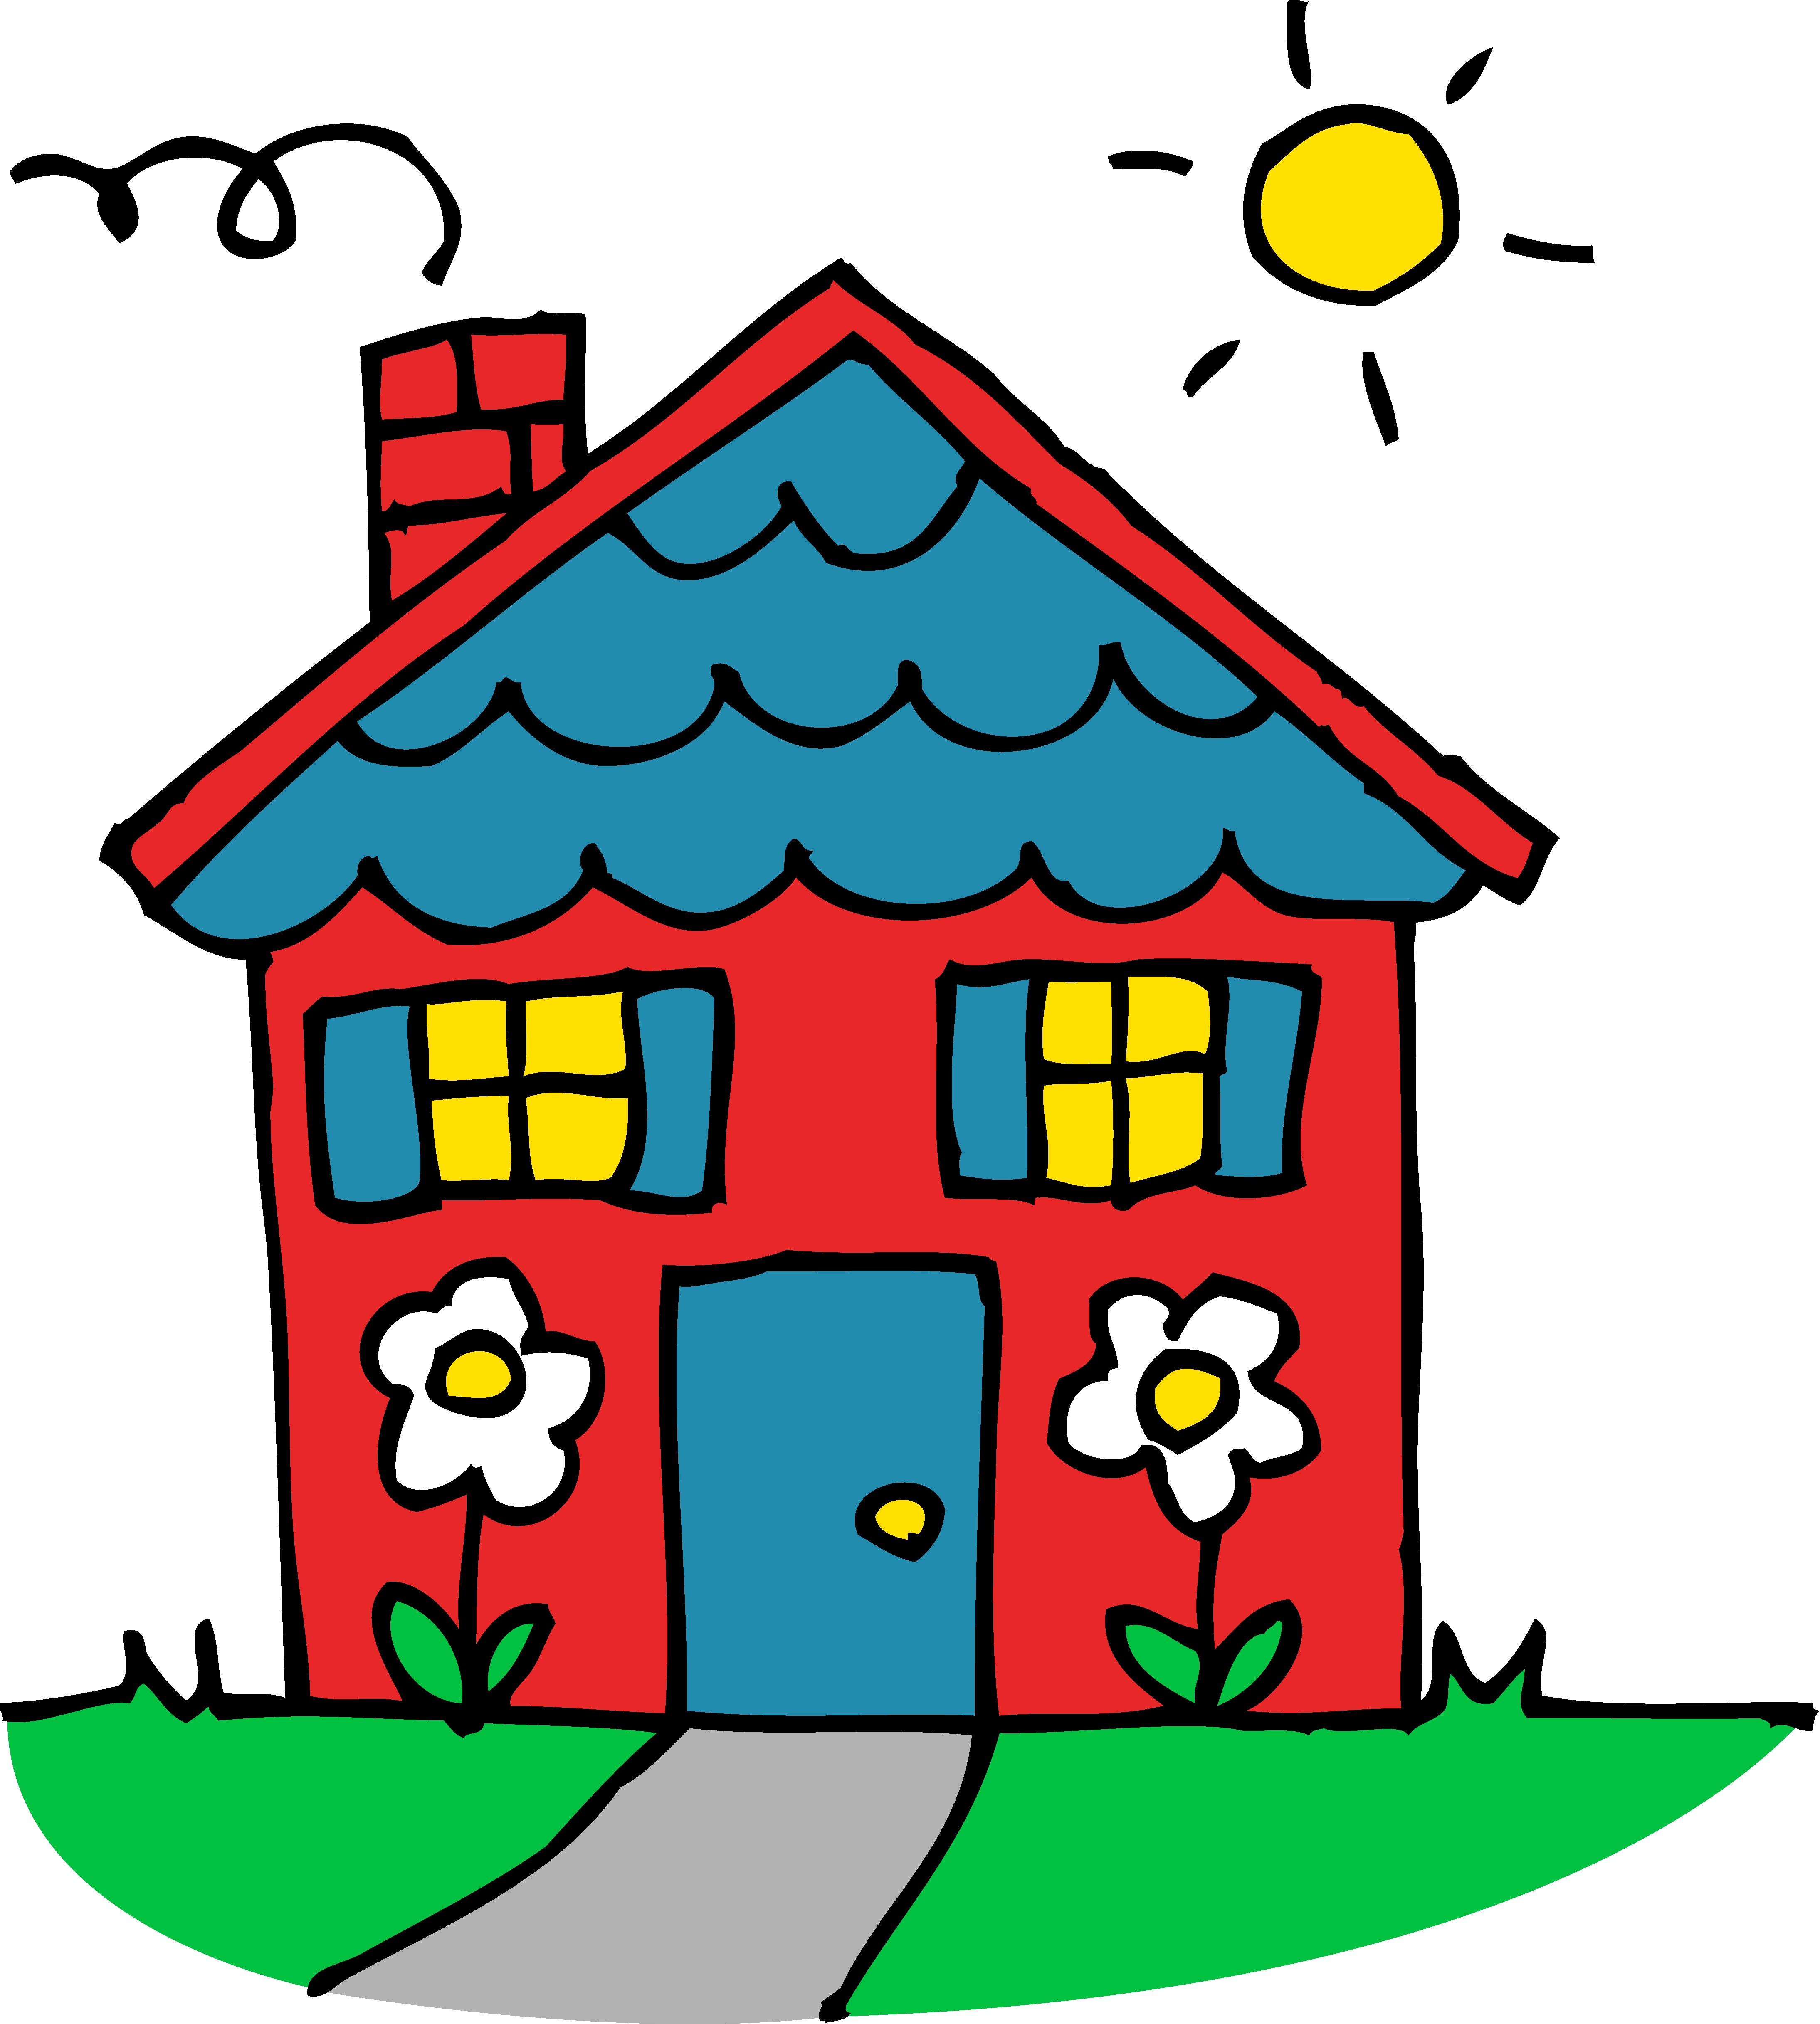 house clipart dream house